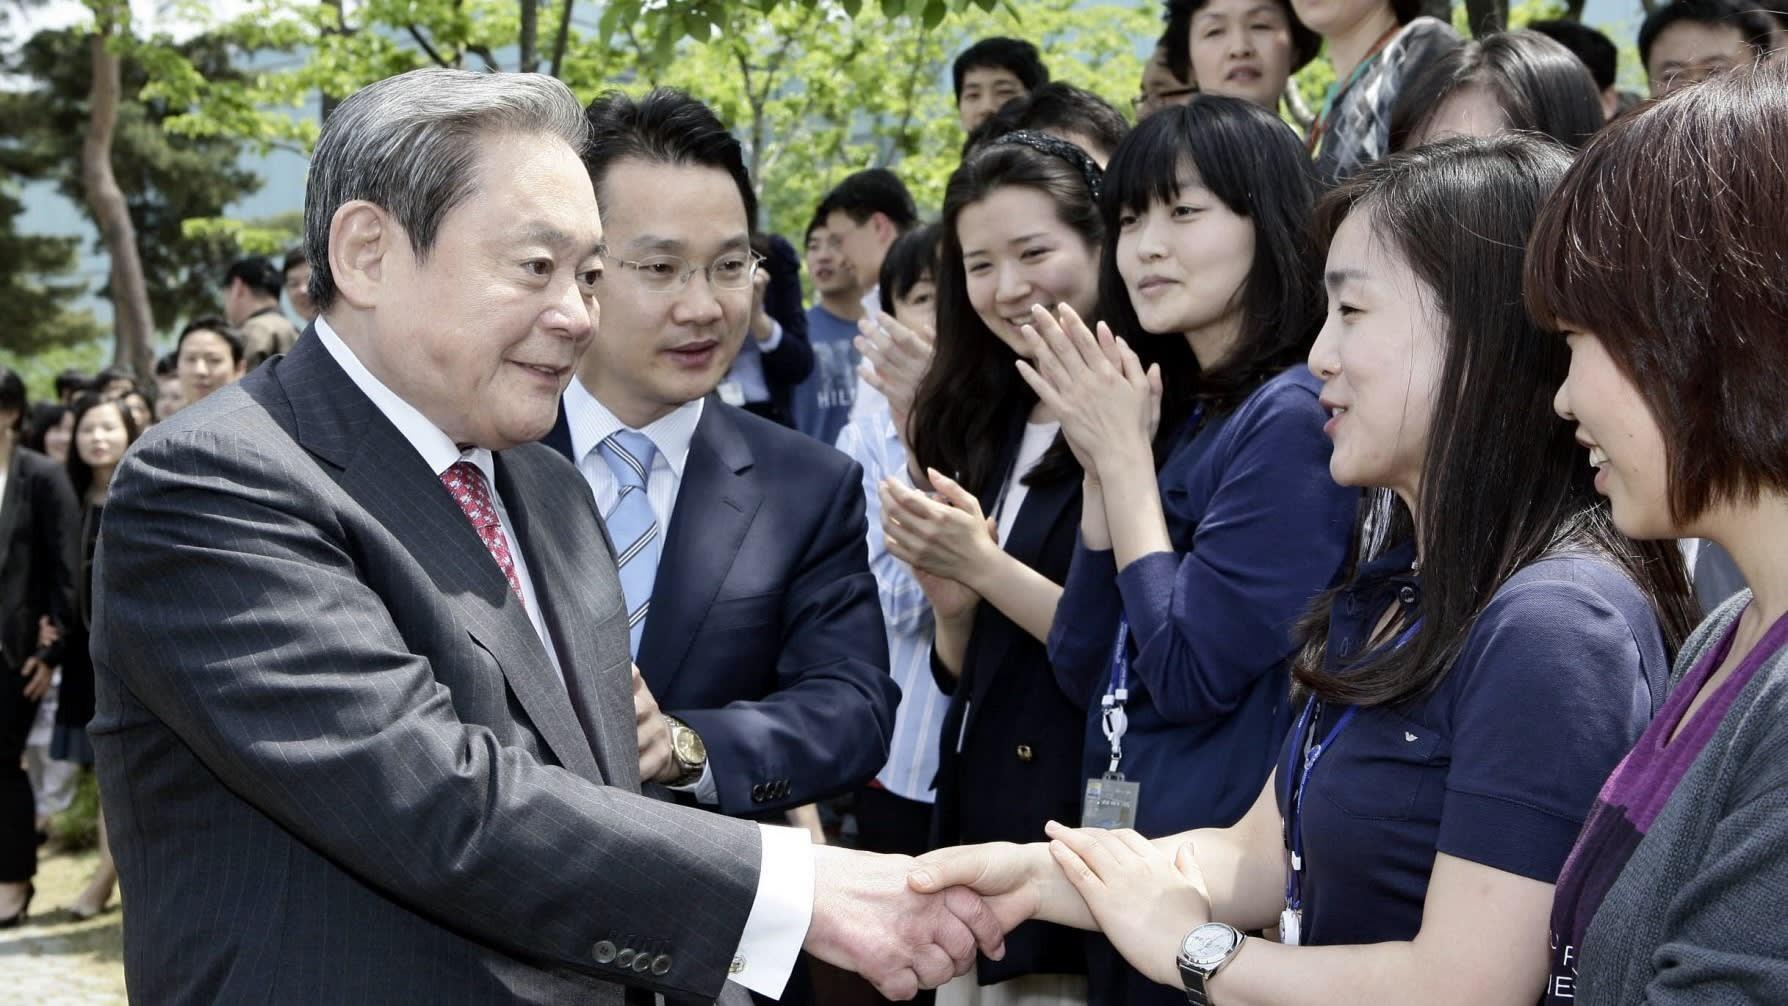 """Chủ tịch """"huyền thoại"""" của Samsung luôn học hỏi người Nhật, đến Nhật hàng năm để mở rộng quan hệ"""